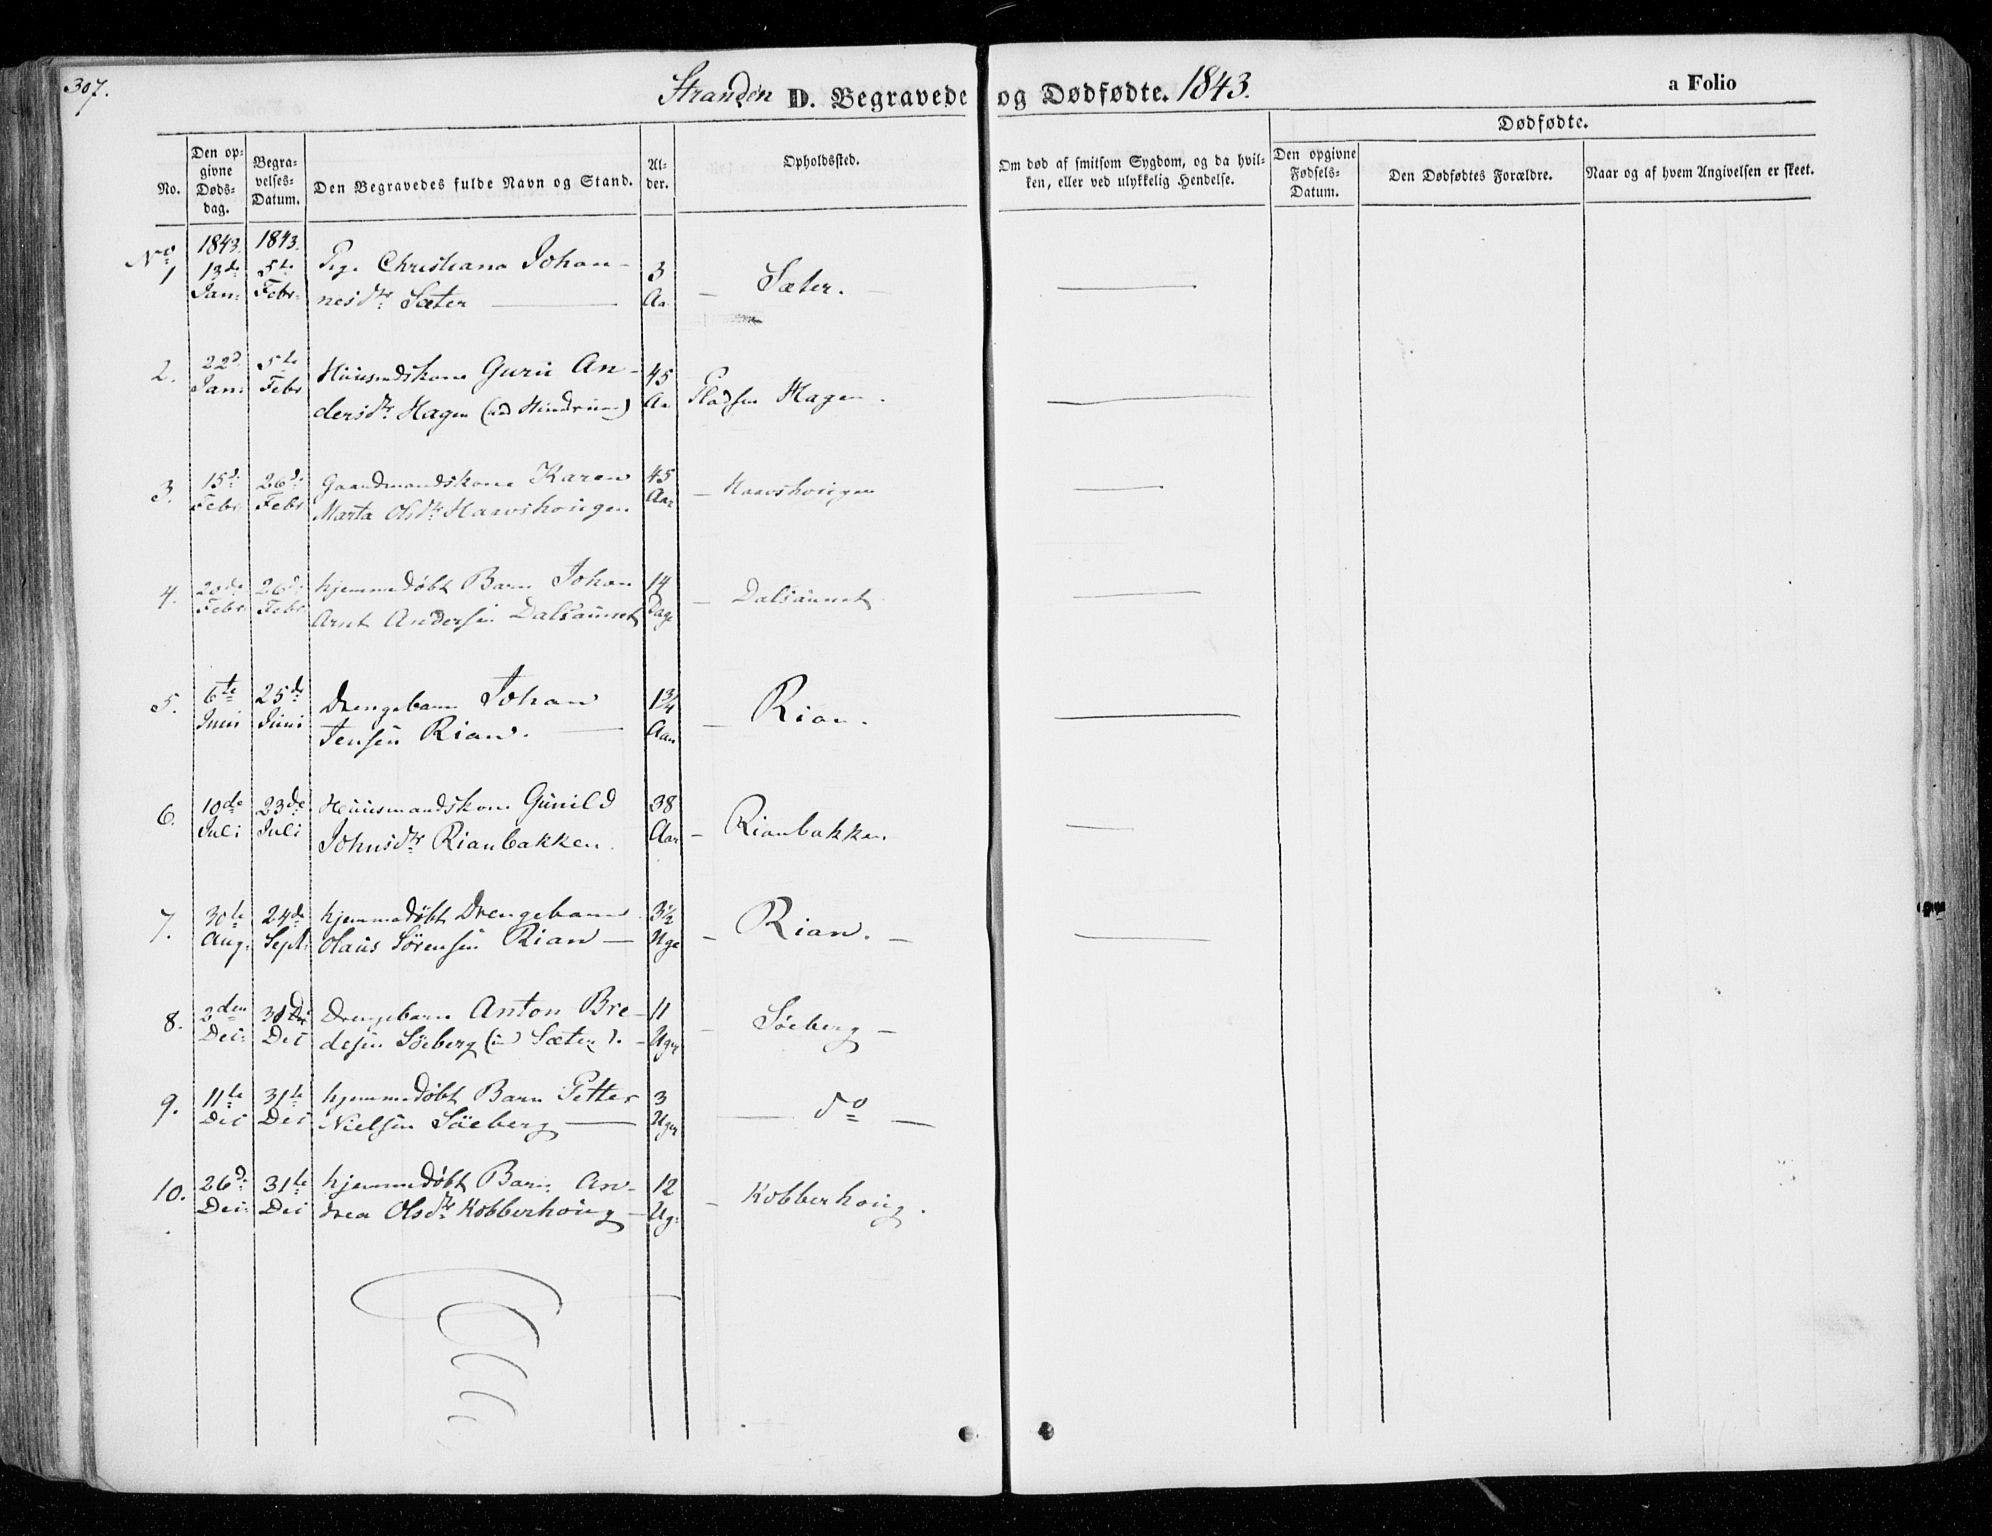 SAT, Ministerialprotokoller, klokkerbøker og fødselsregistre - Nord-Trøndelag, 701/L0007: Ministerialbok nr. 701A07 /2, 1842-1854, s. 307